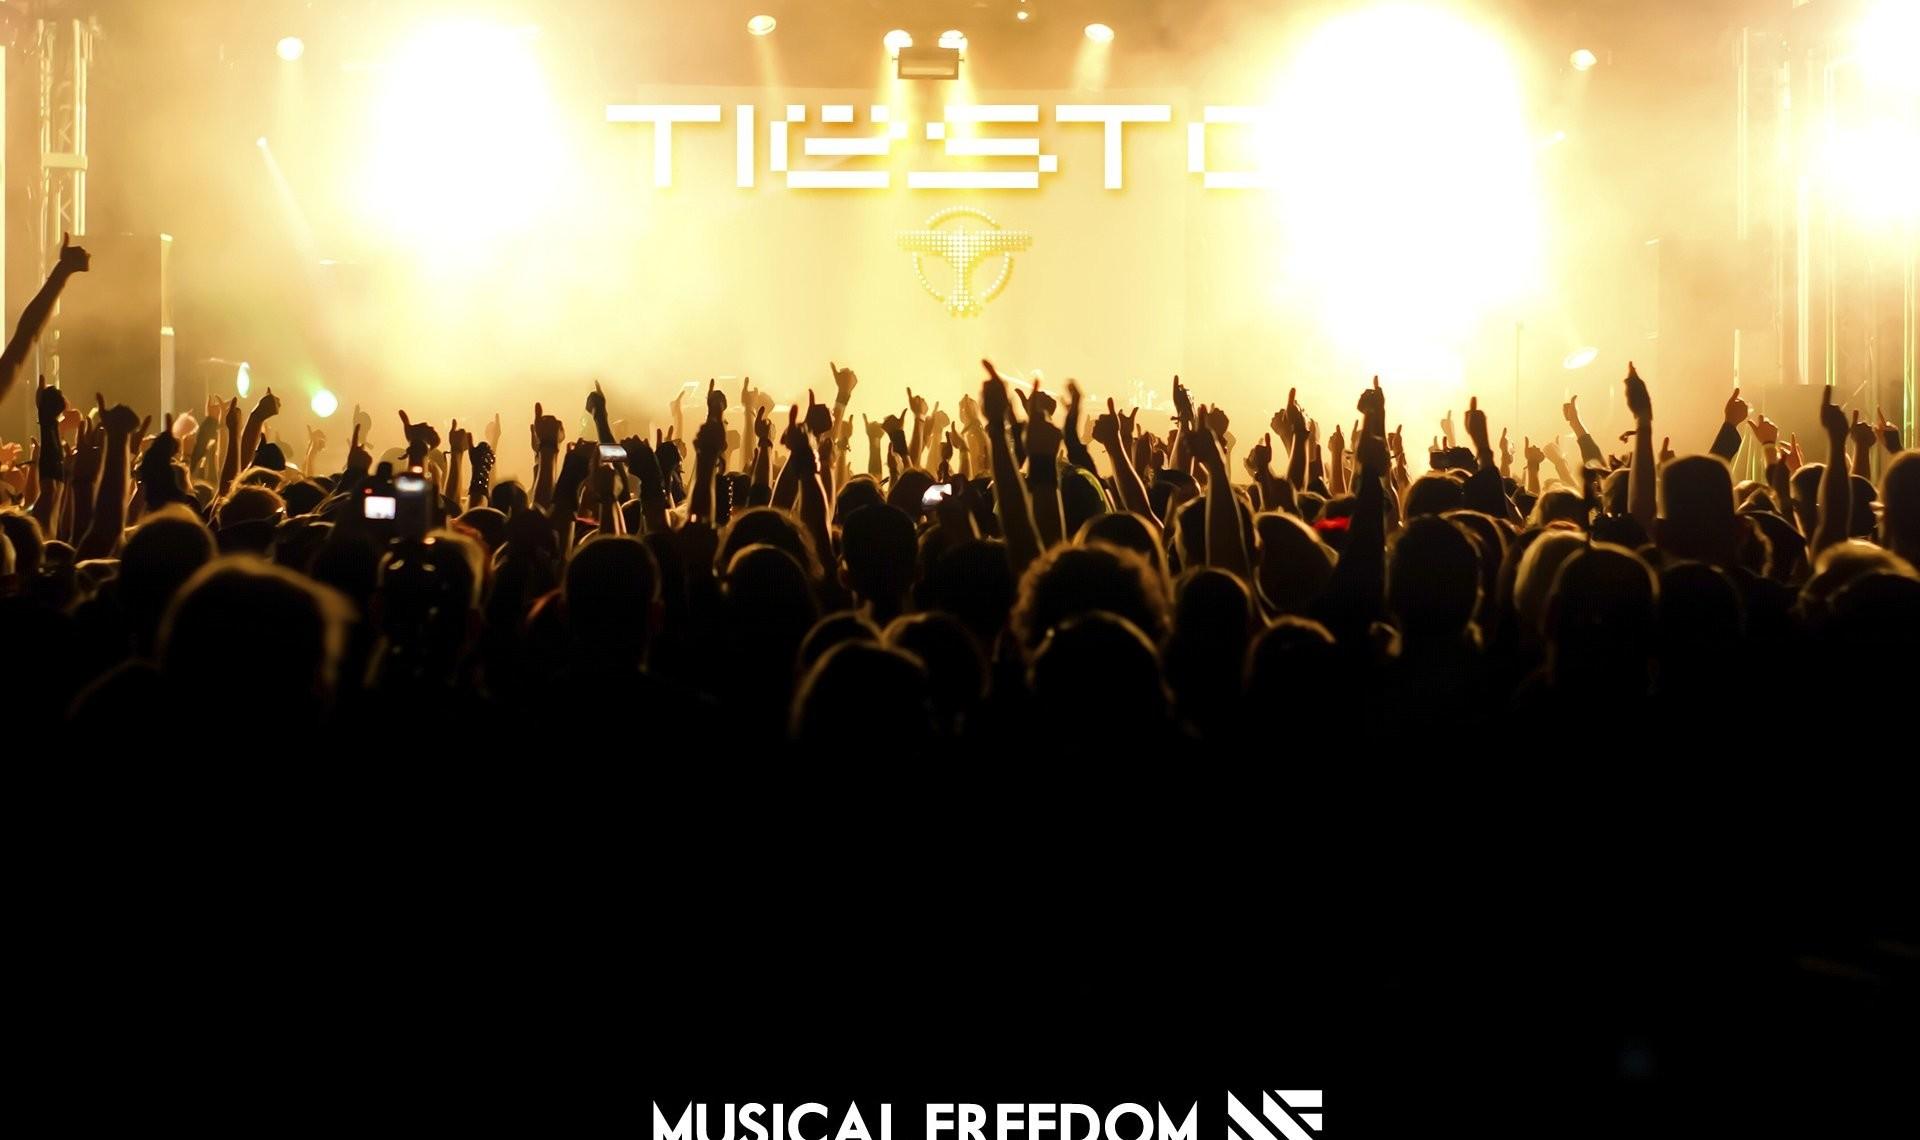 Tiesto Concert Crowd